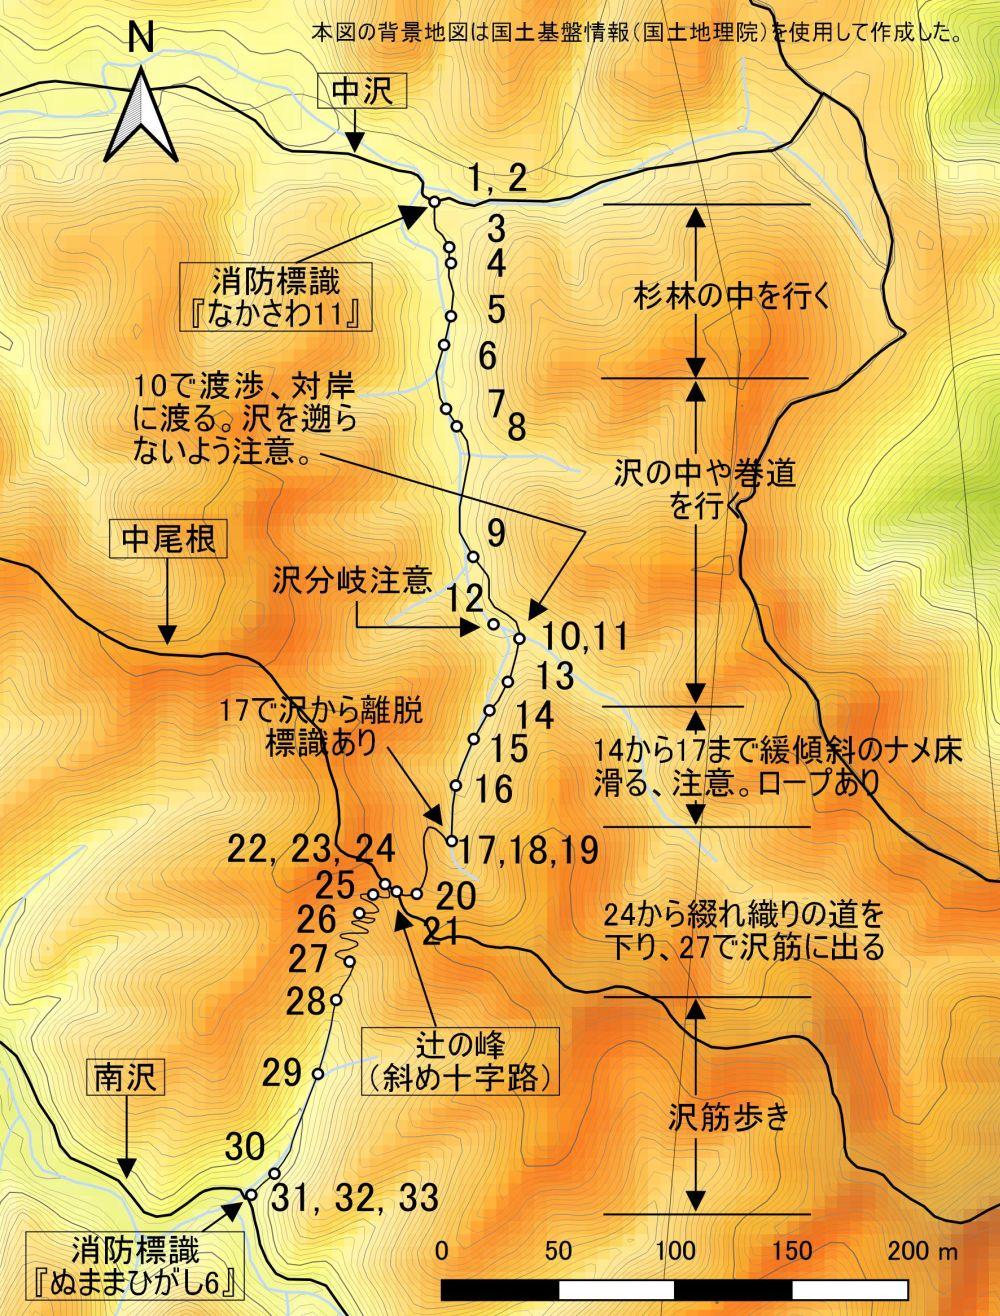 中沢と南沢の連絡ルート2 写真撮影位置(撮影:2021.5)